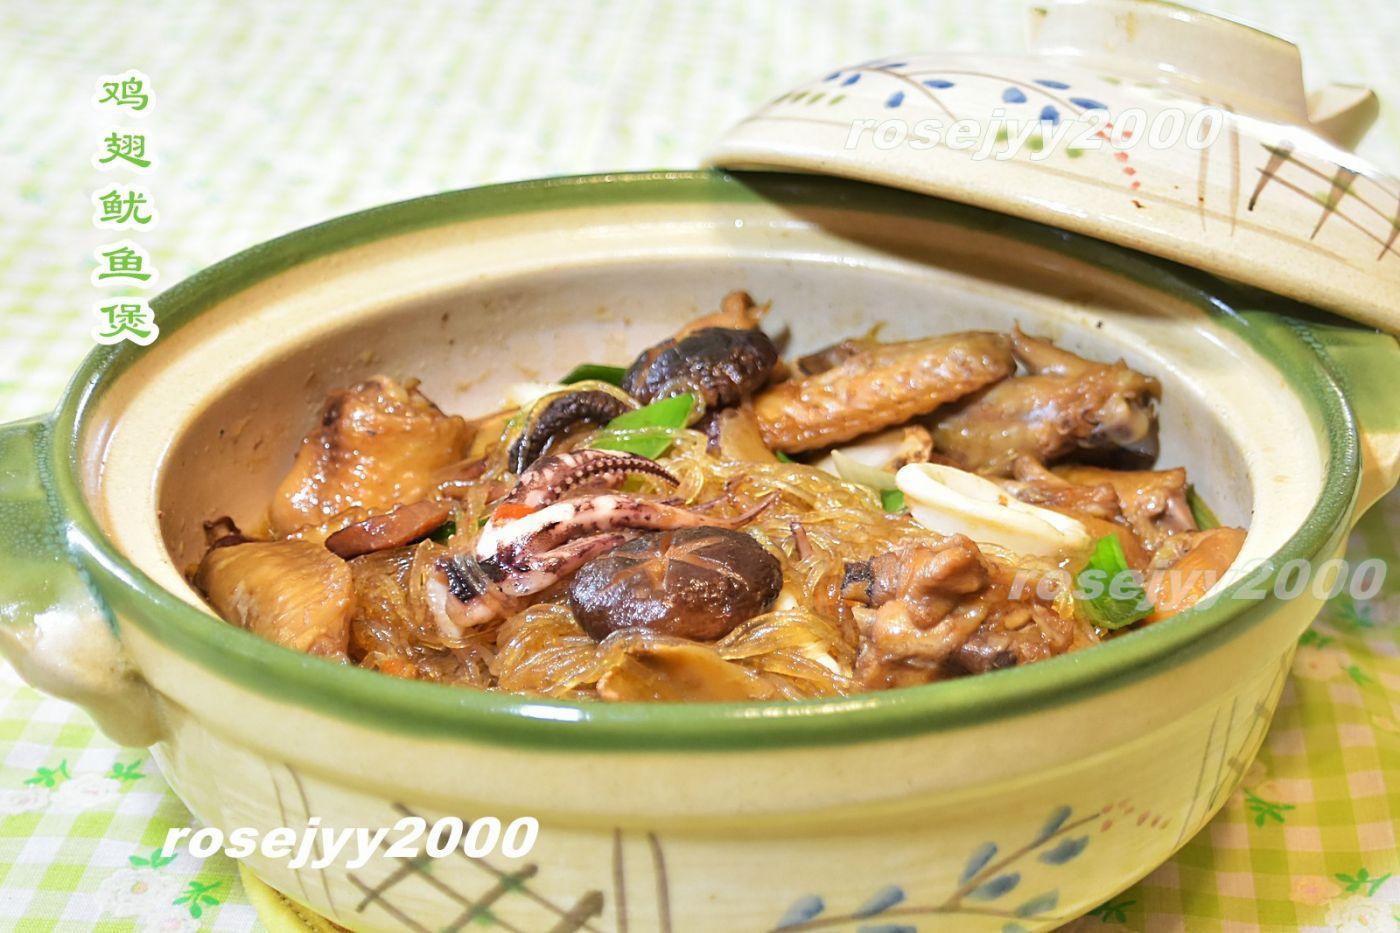 鸡翅海鲜煲_图1-5